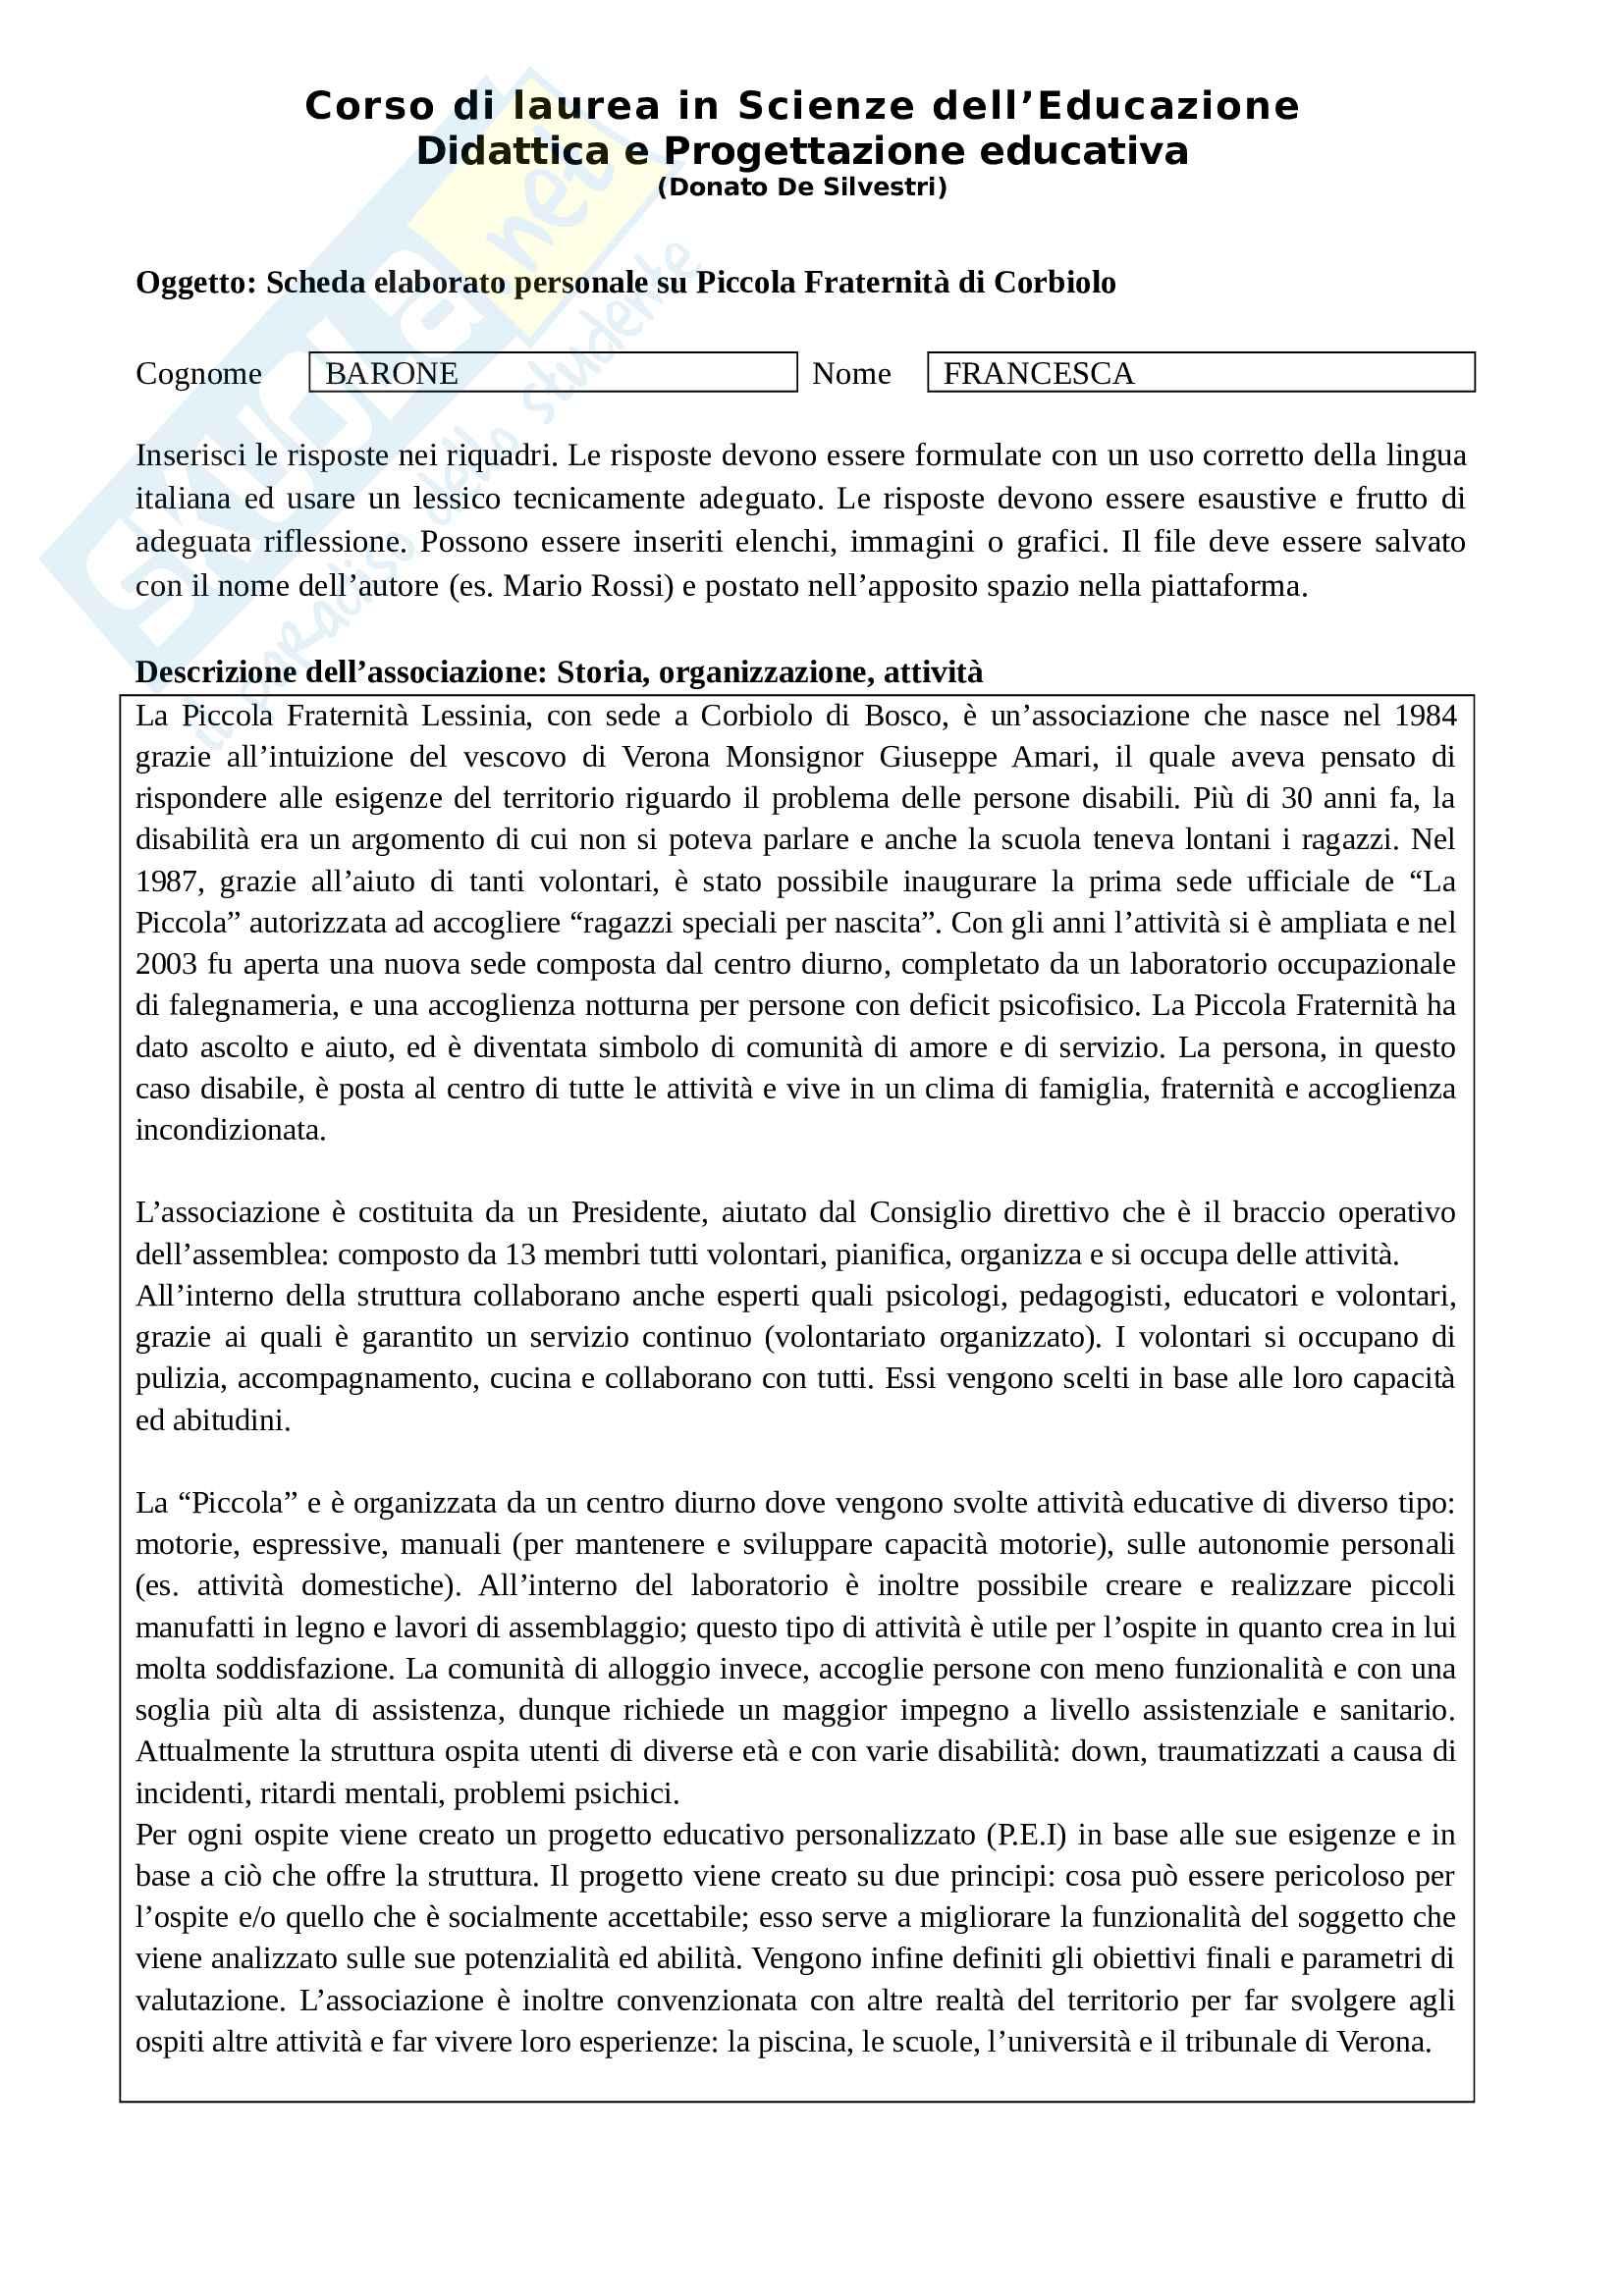 Esempio di Elaborato da scrivere richiesto agli studenti frequentanti, esame di Didattica e progettazione educativa, prof. De Silvestri